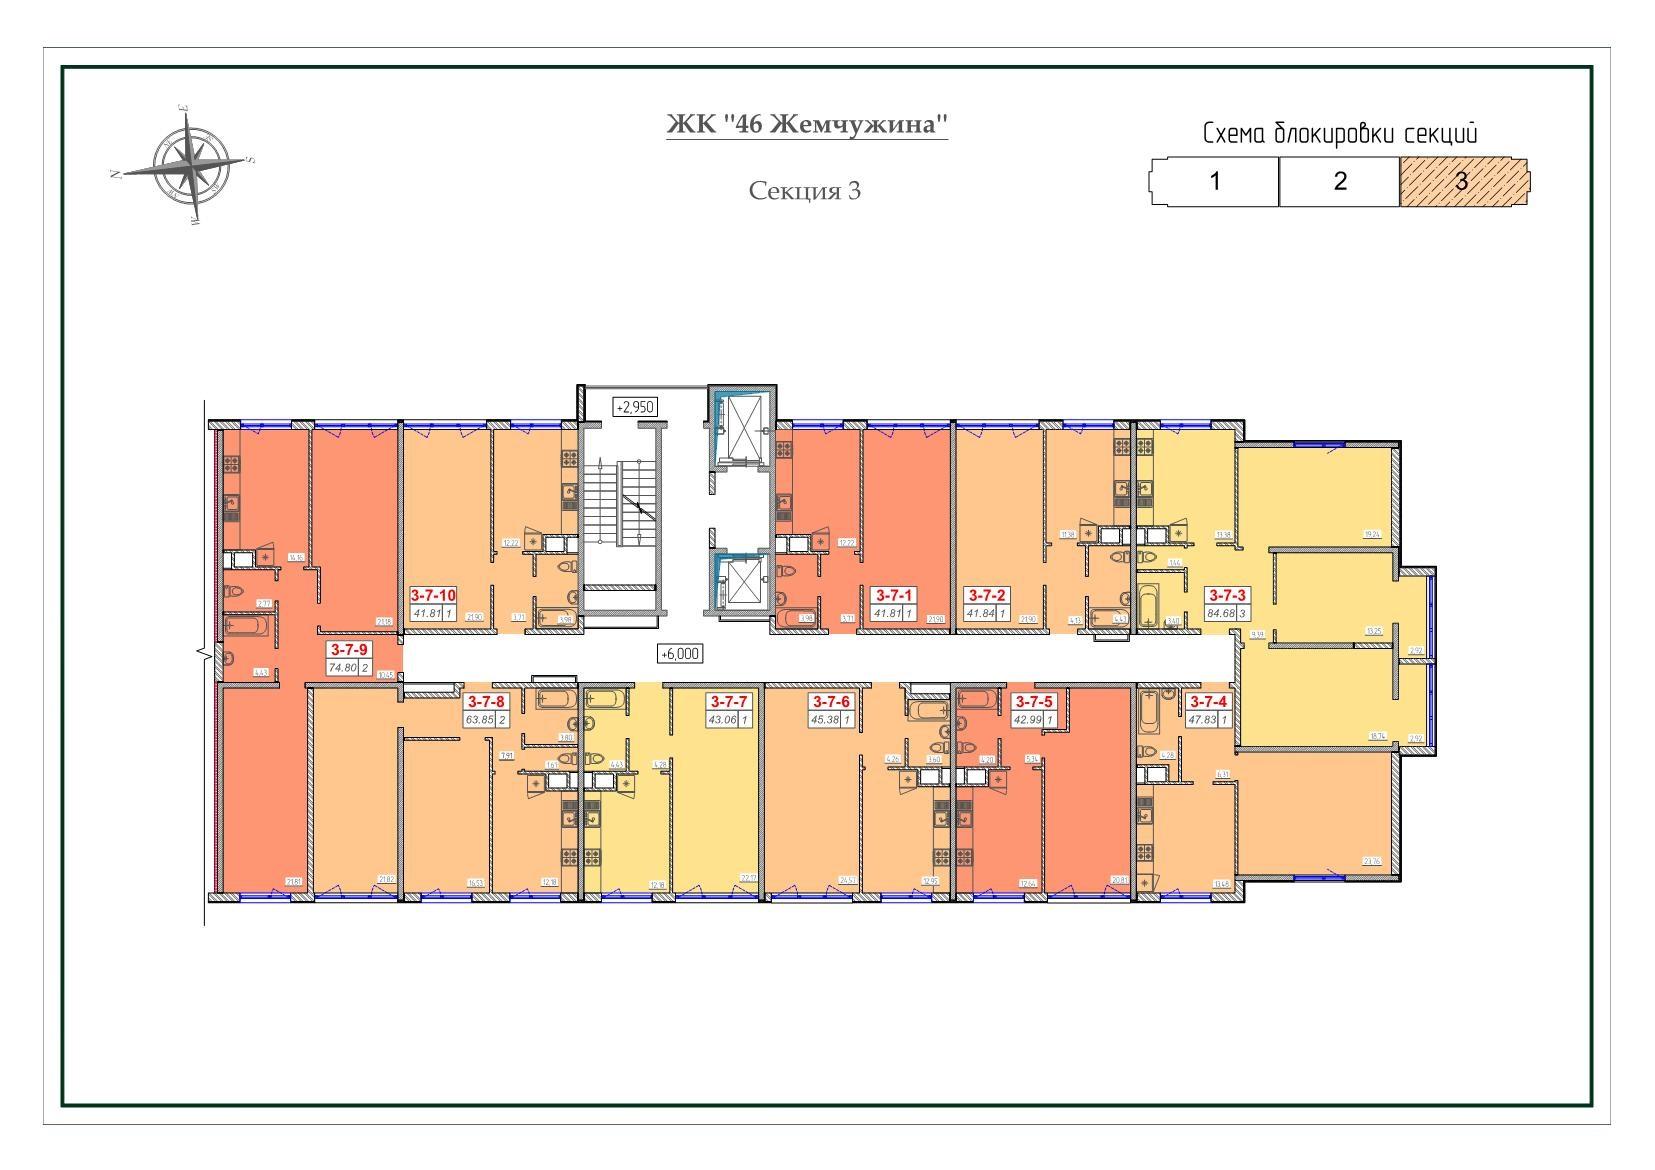 ЖК 46 Жемчужина / Секция 3 / План типового этажа